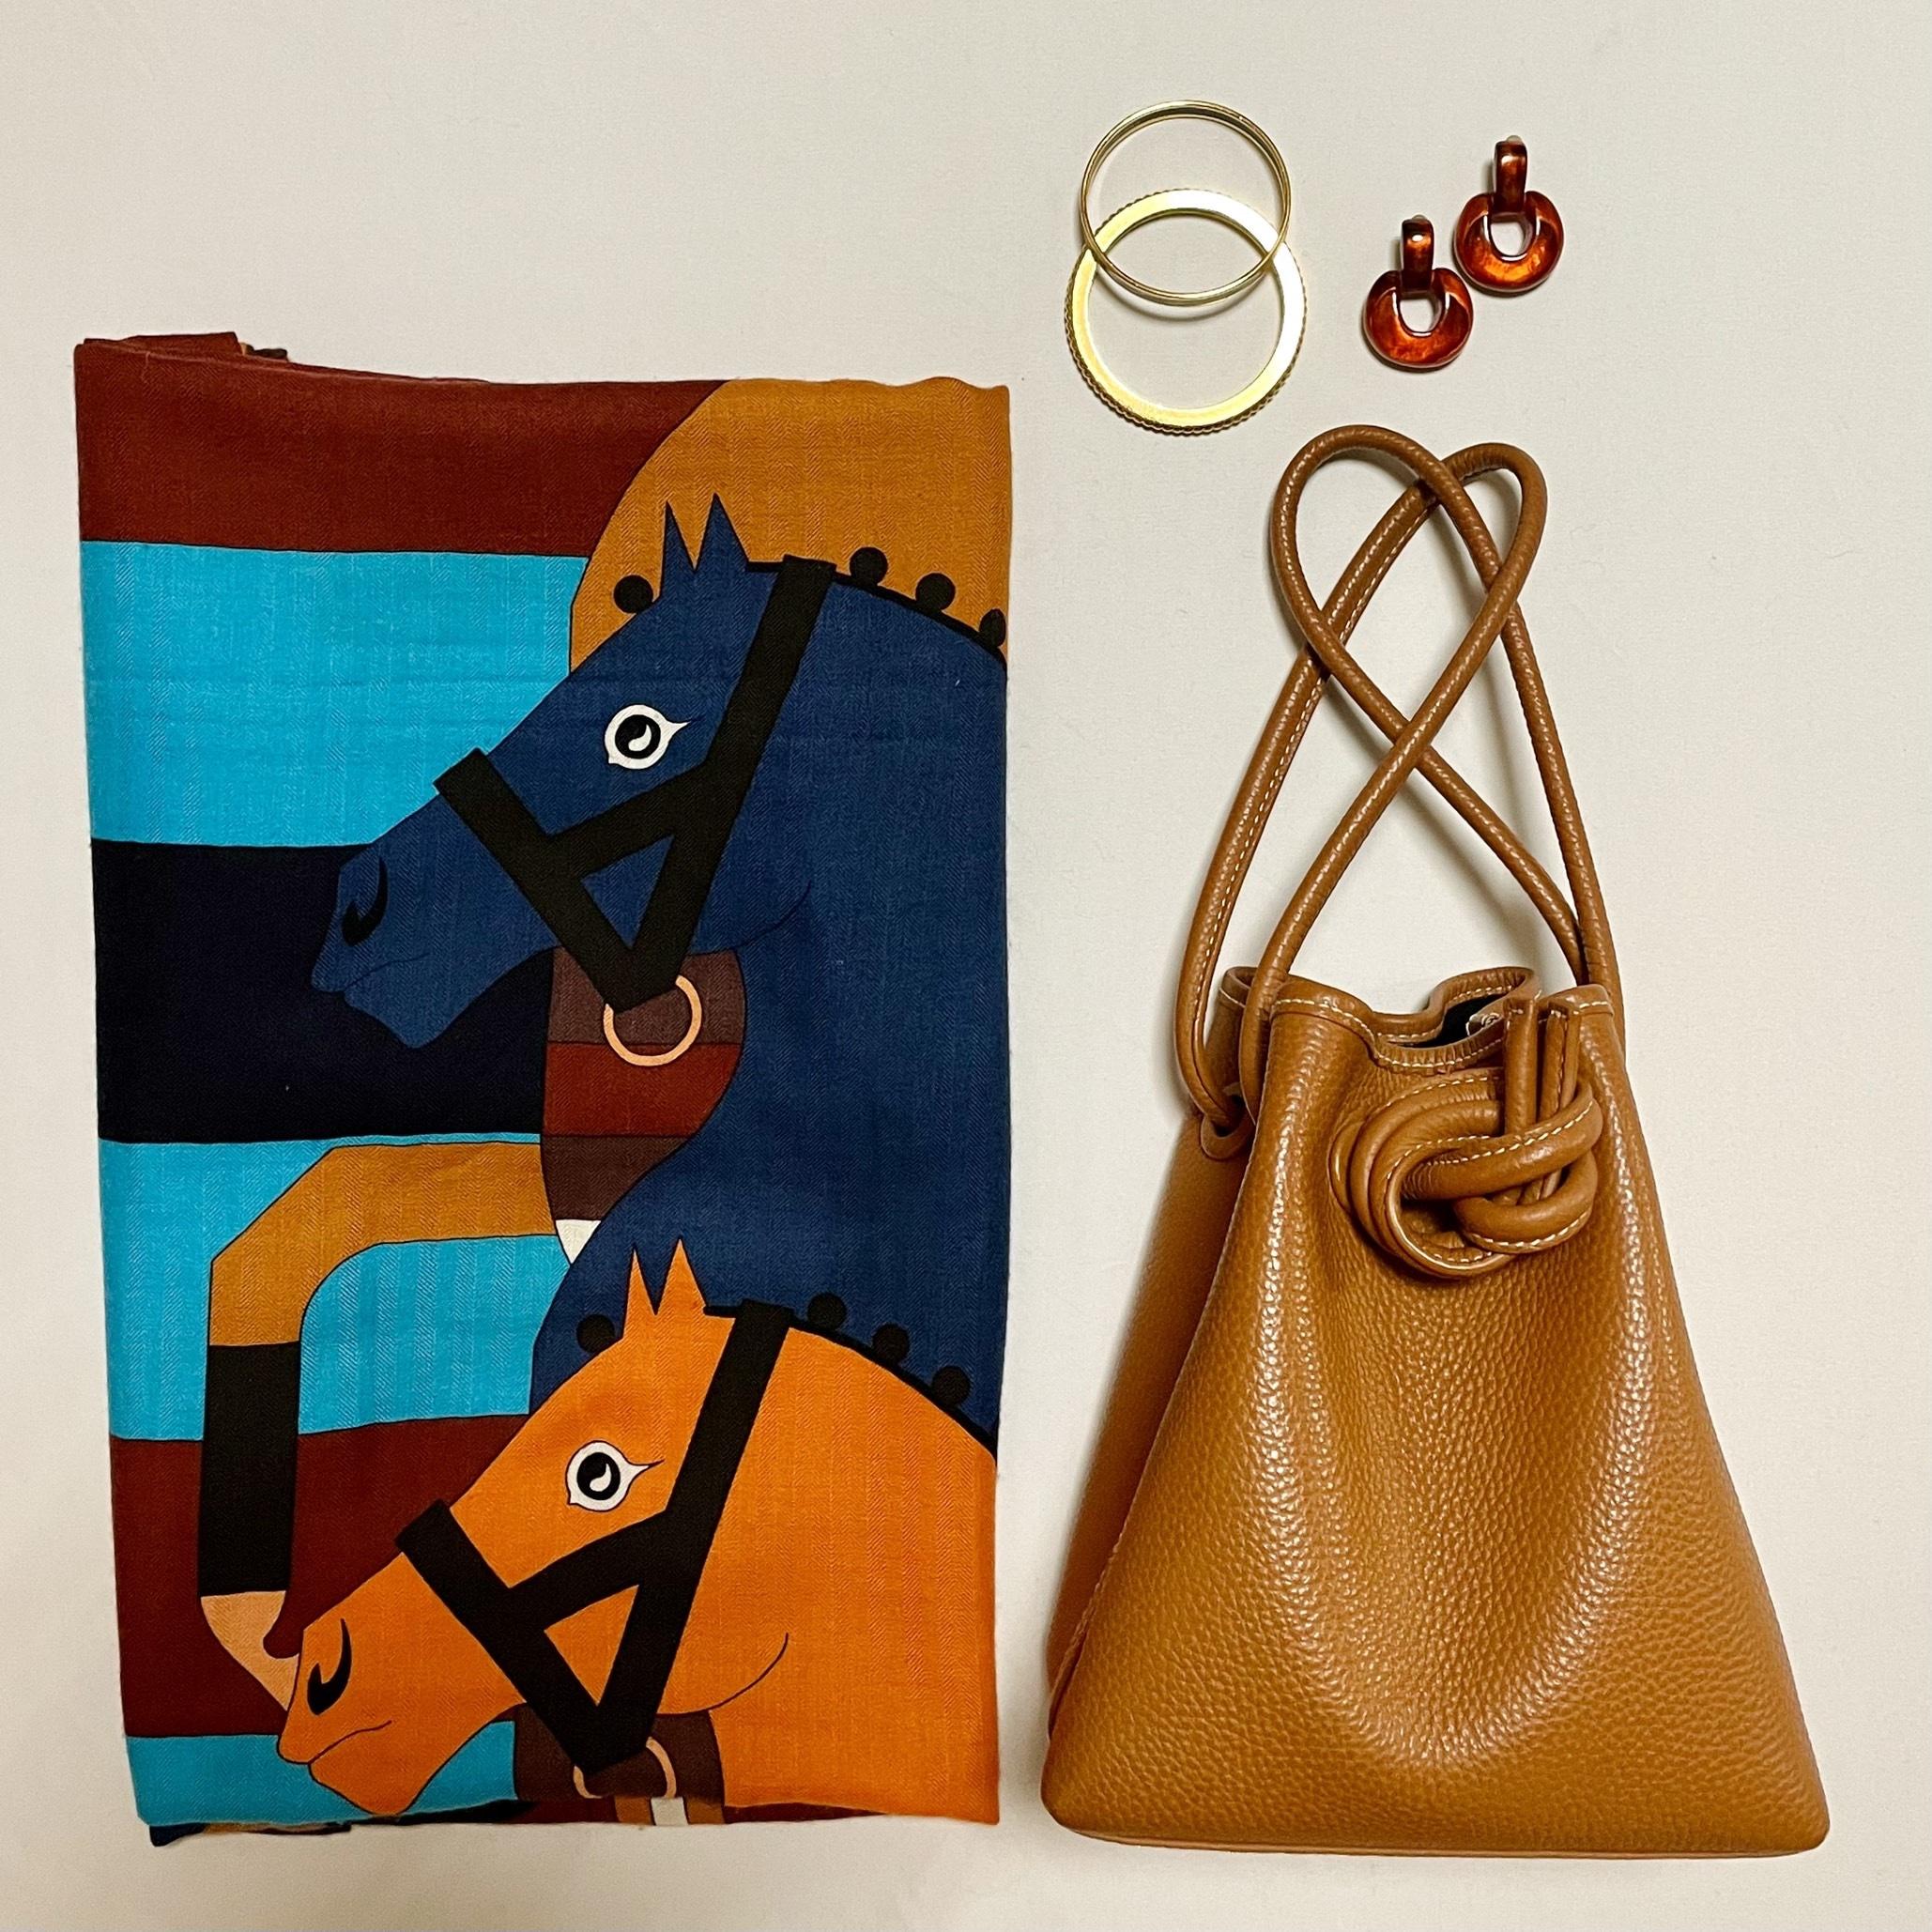 スカーフ柄の大きめストール、キャメルのバッグ、ゴールドの細めバングル、オレンジのイヤリング